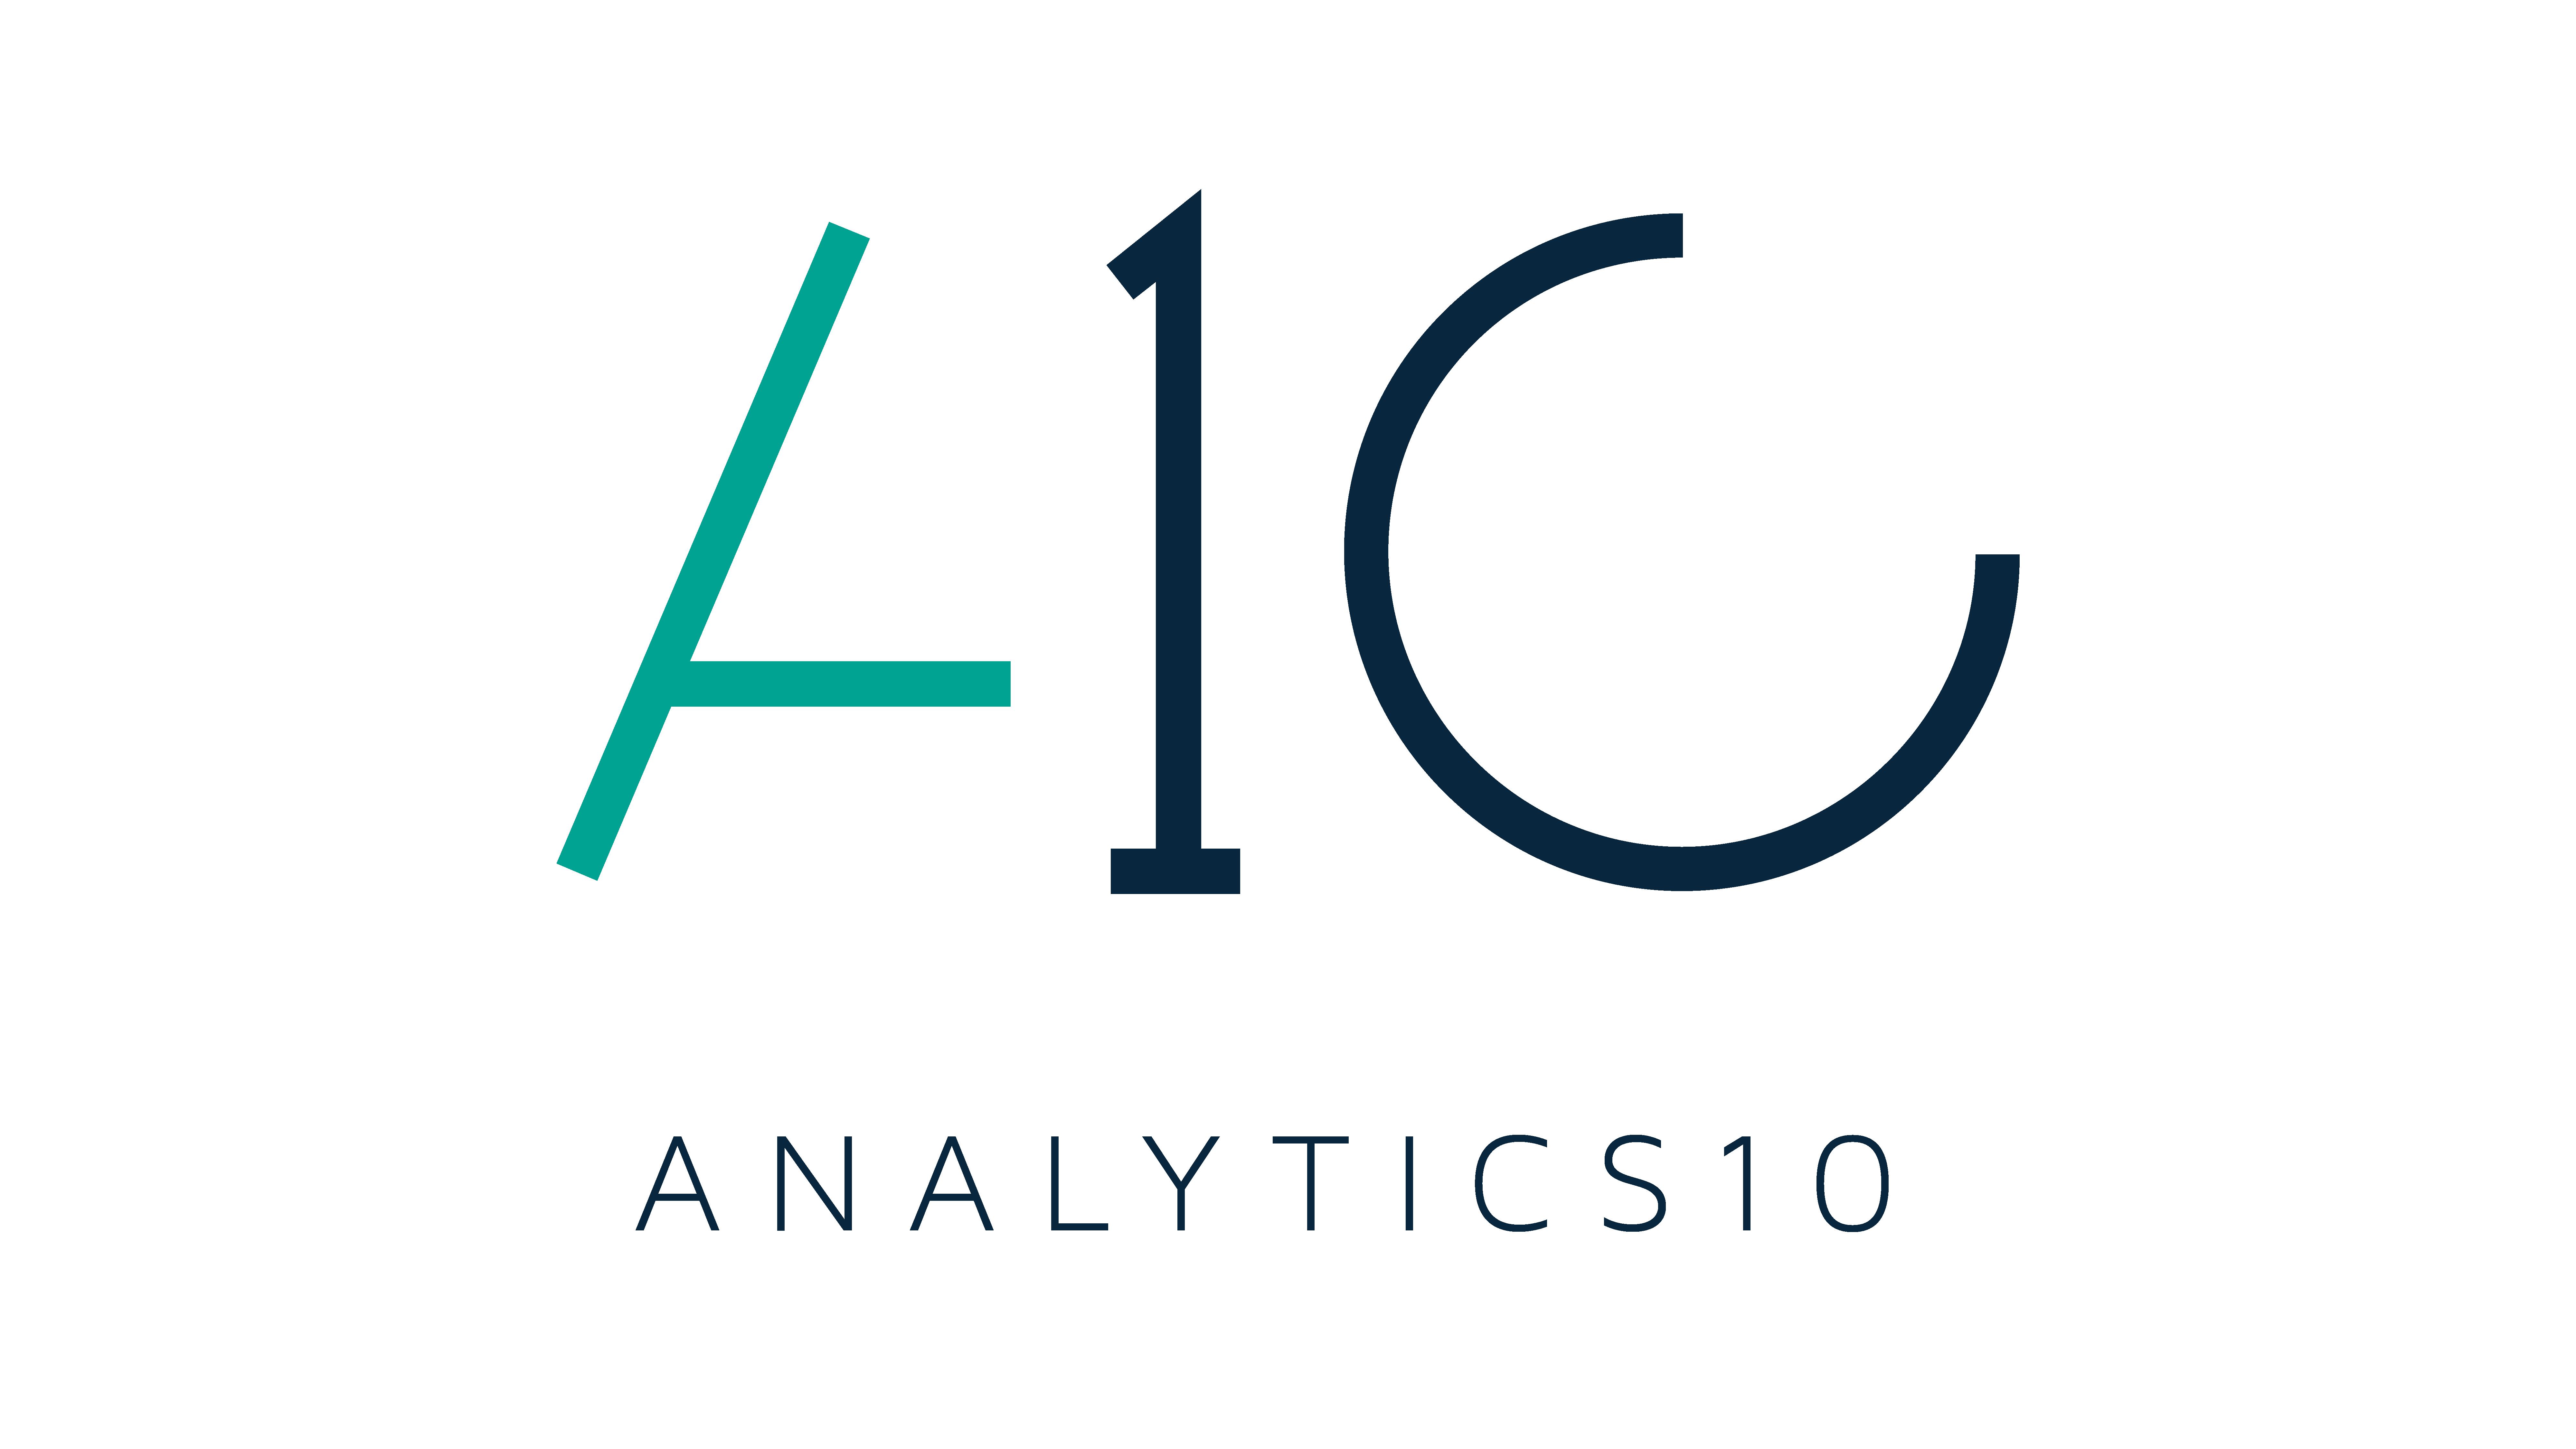 Logo of the company Analytics10